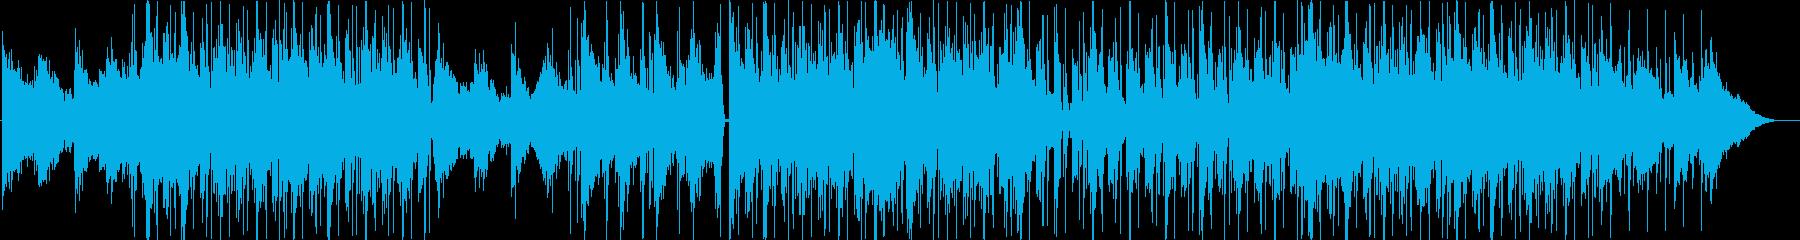 洋楽、チルアウト、ミッドテンポのR&Bの再生済みの波形